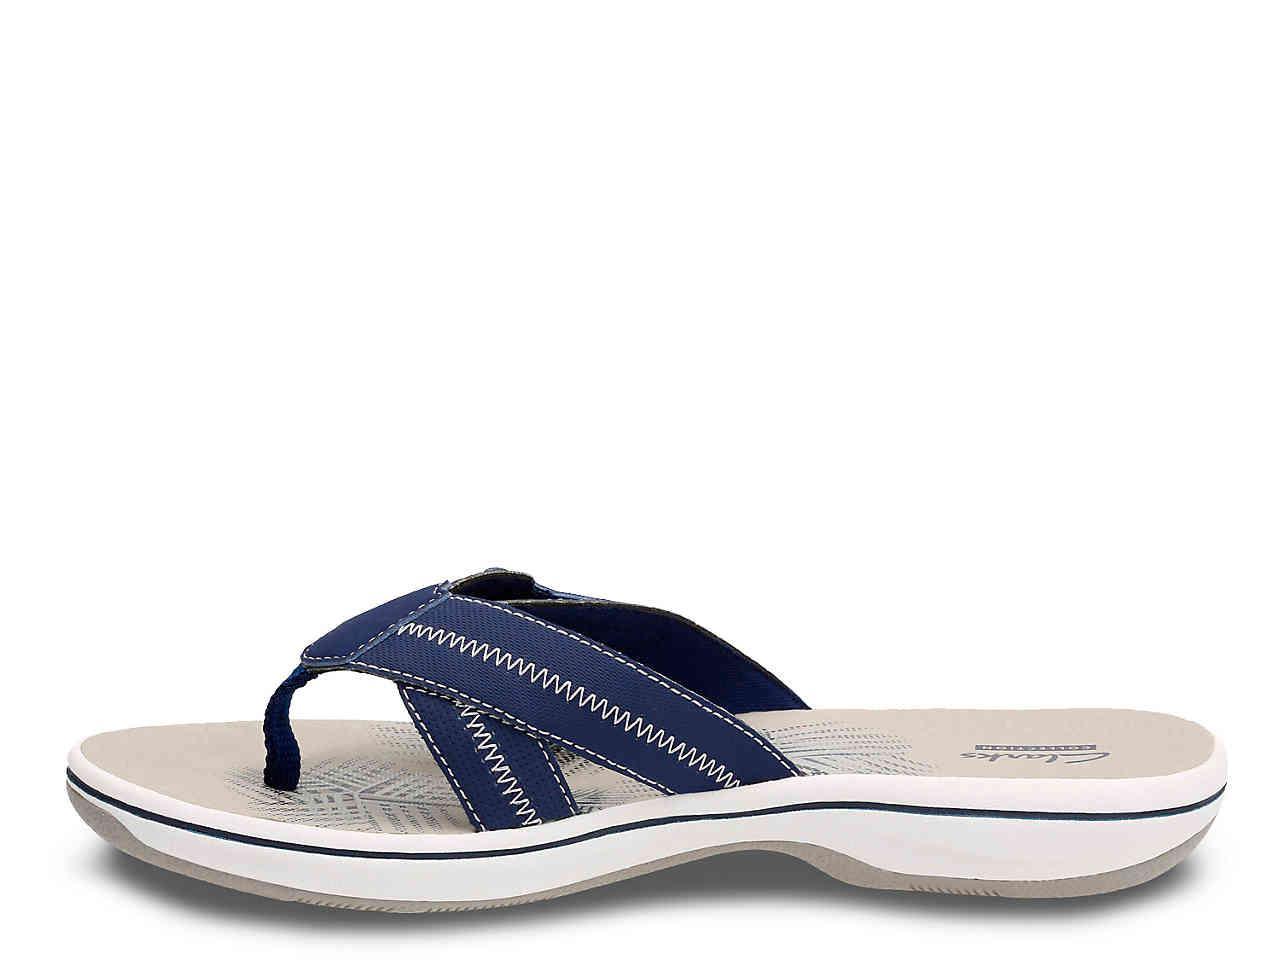 2a9dfc1b7c0 Lyst - Clarks Brinkley Calm Flip Flop in Blue